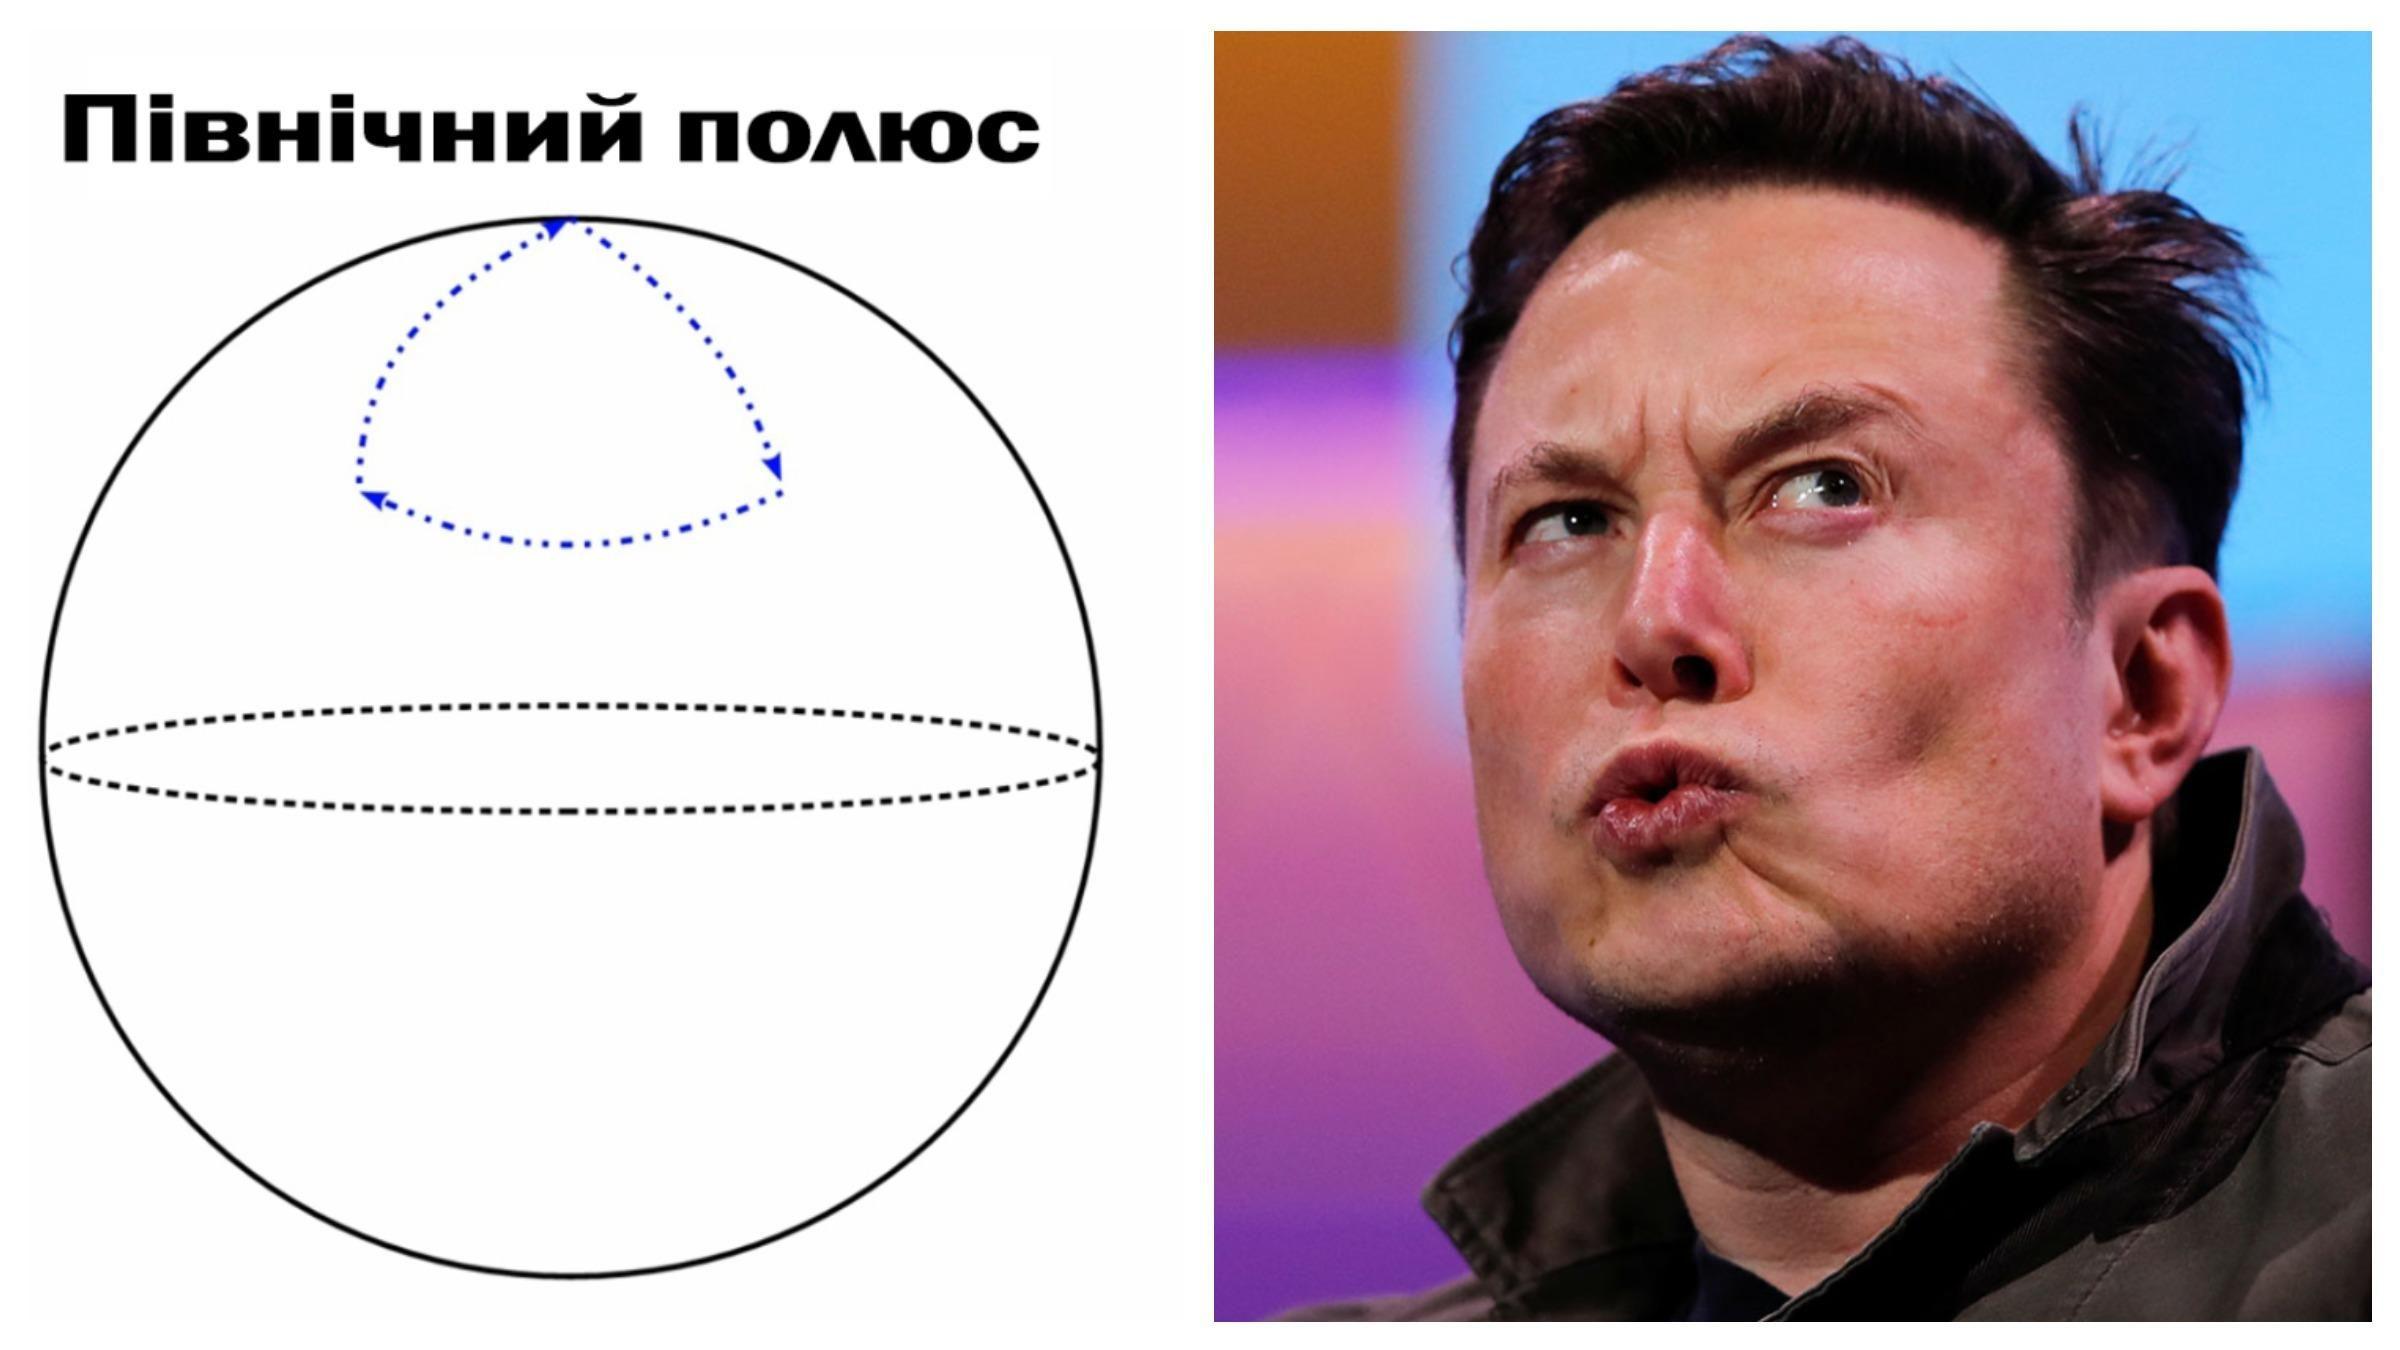 Загадка від Ілона Маска